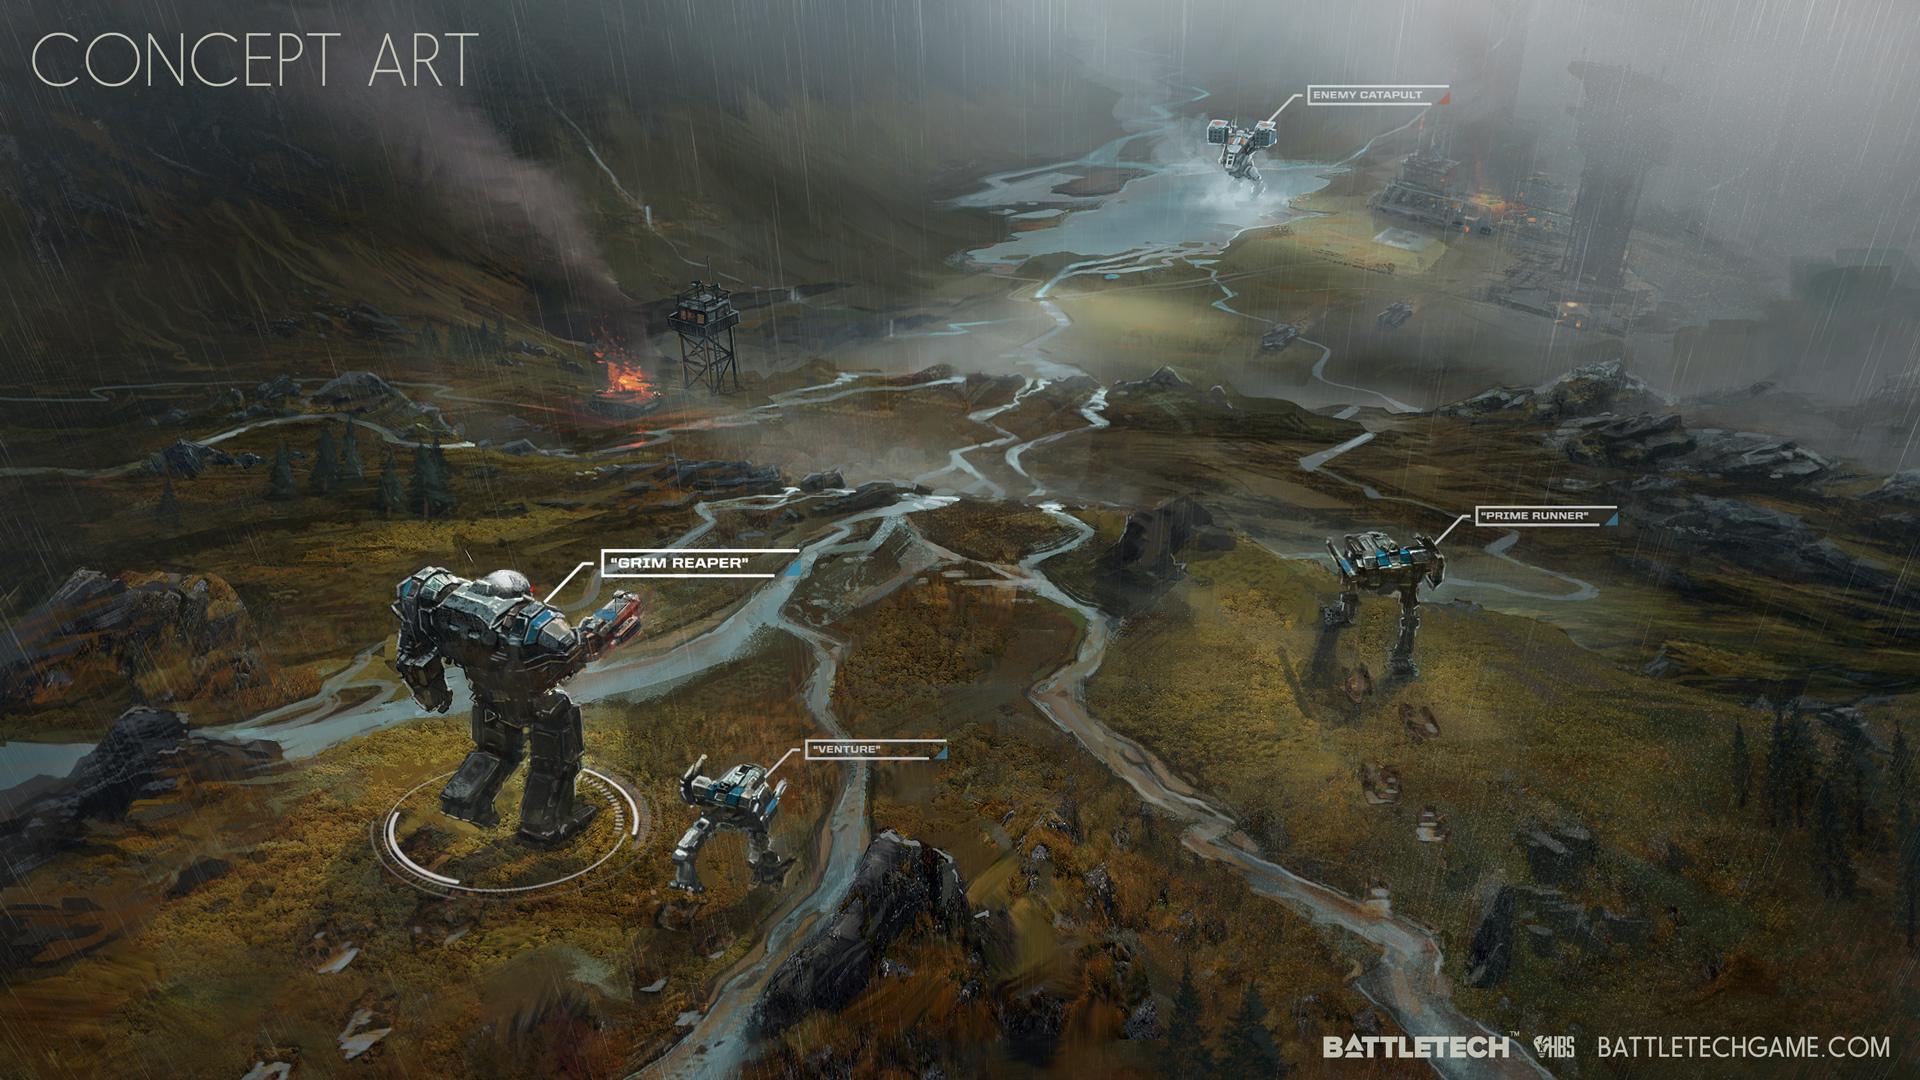 Шя 1113 j 1 е i, i й v j i   м aji;ди 0cf вс l,art,арт,красивые картинки,artist,shimmering-sword,battletech,игры